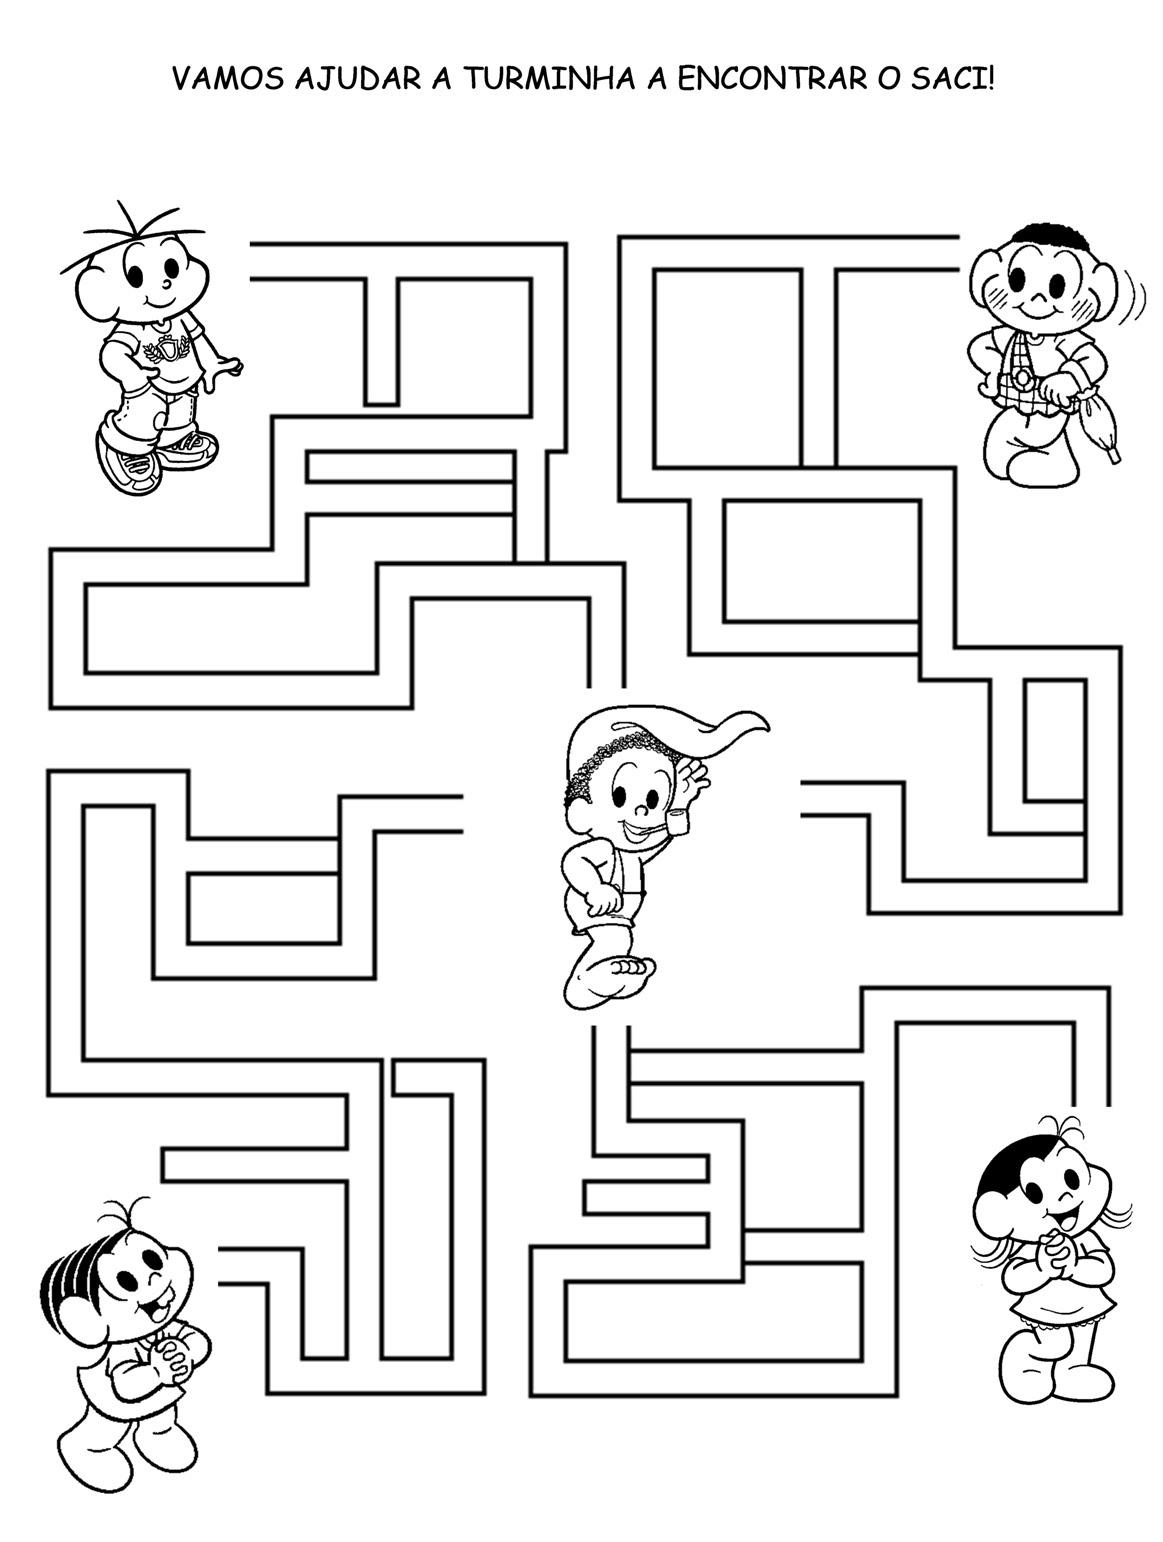 a desenhar labirintos da turma da monica e outros colorir